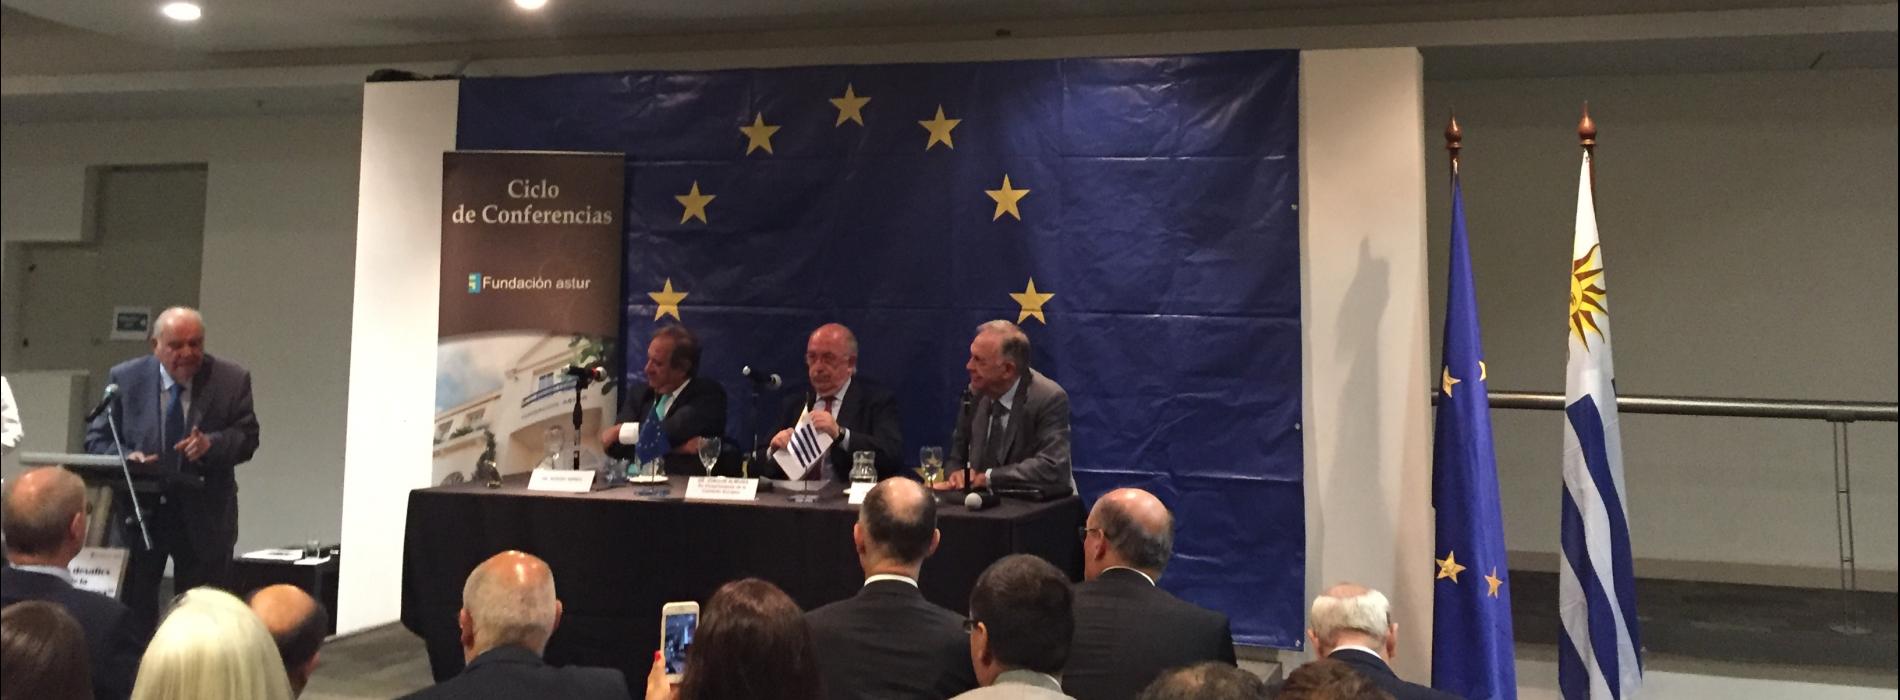 """Presidente del CURI participa de la conferencia """"Los desafíos de la Unión Europea"""""""